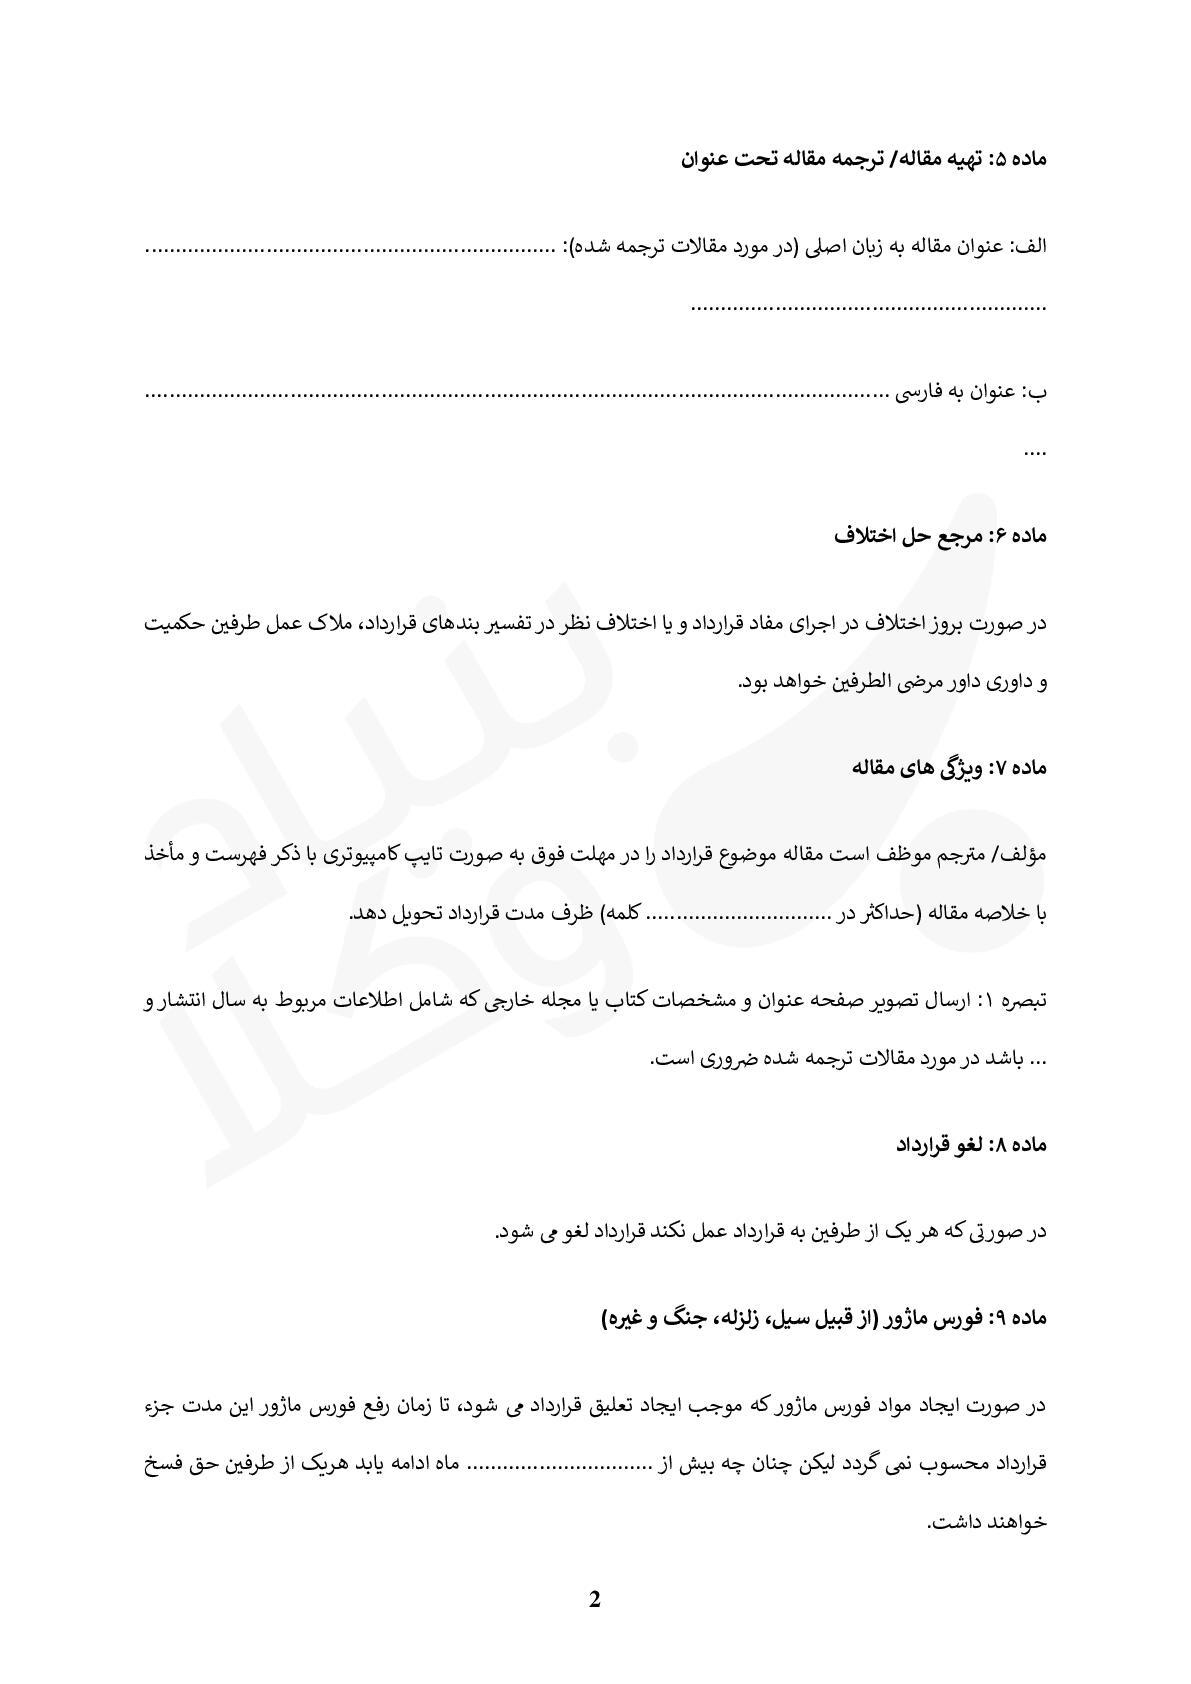 قرارداد ترجمه یا تالیف مقاله